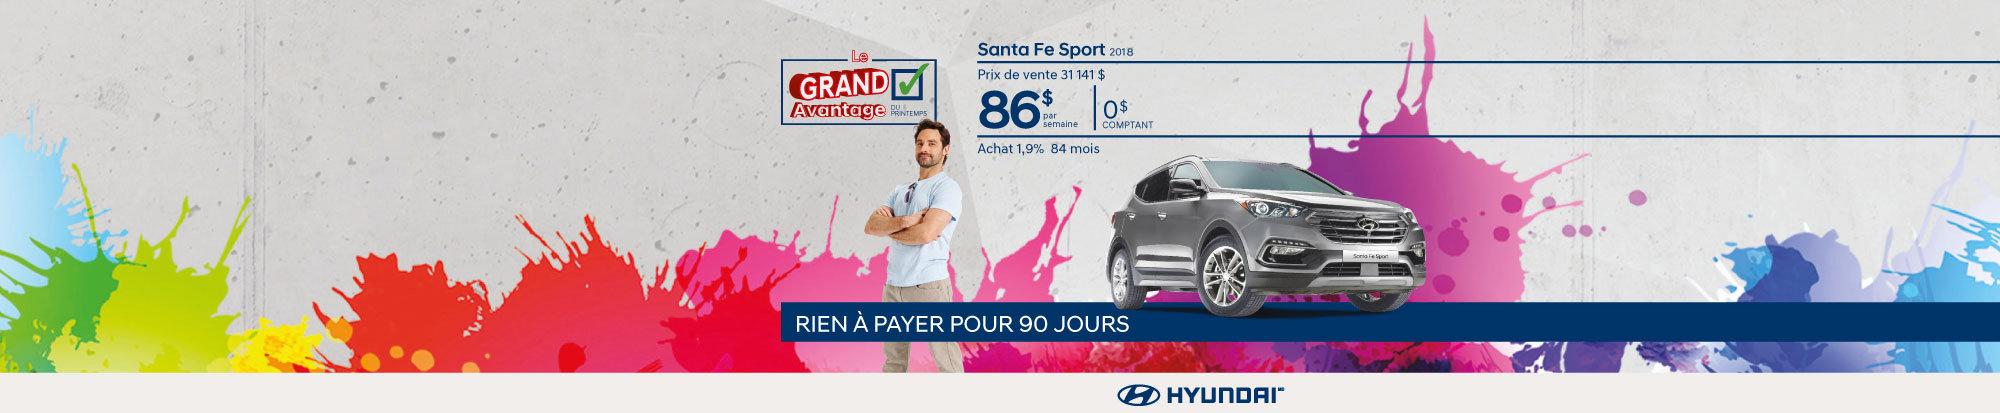 Hyundai Santa Fe 2018 web